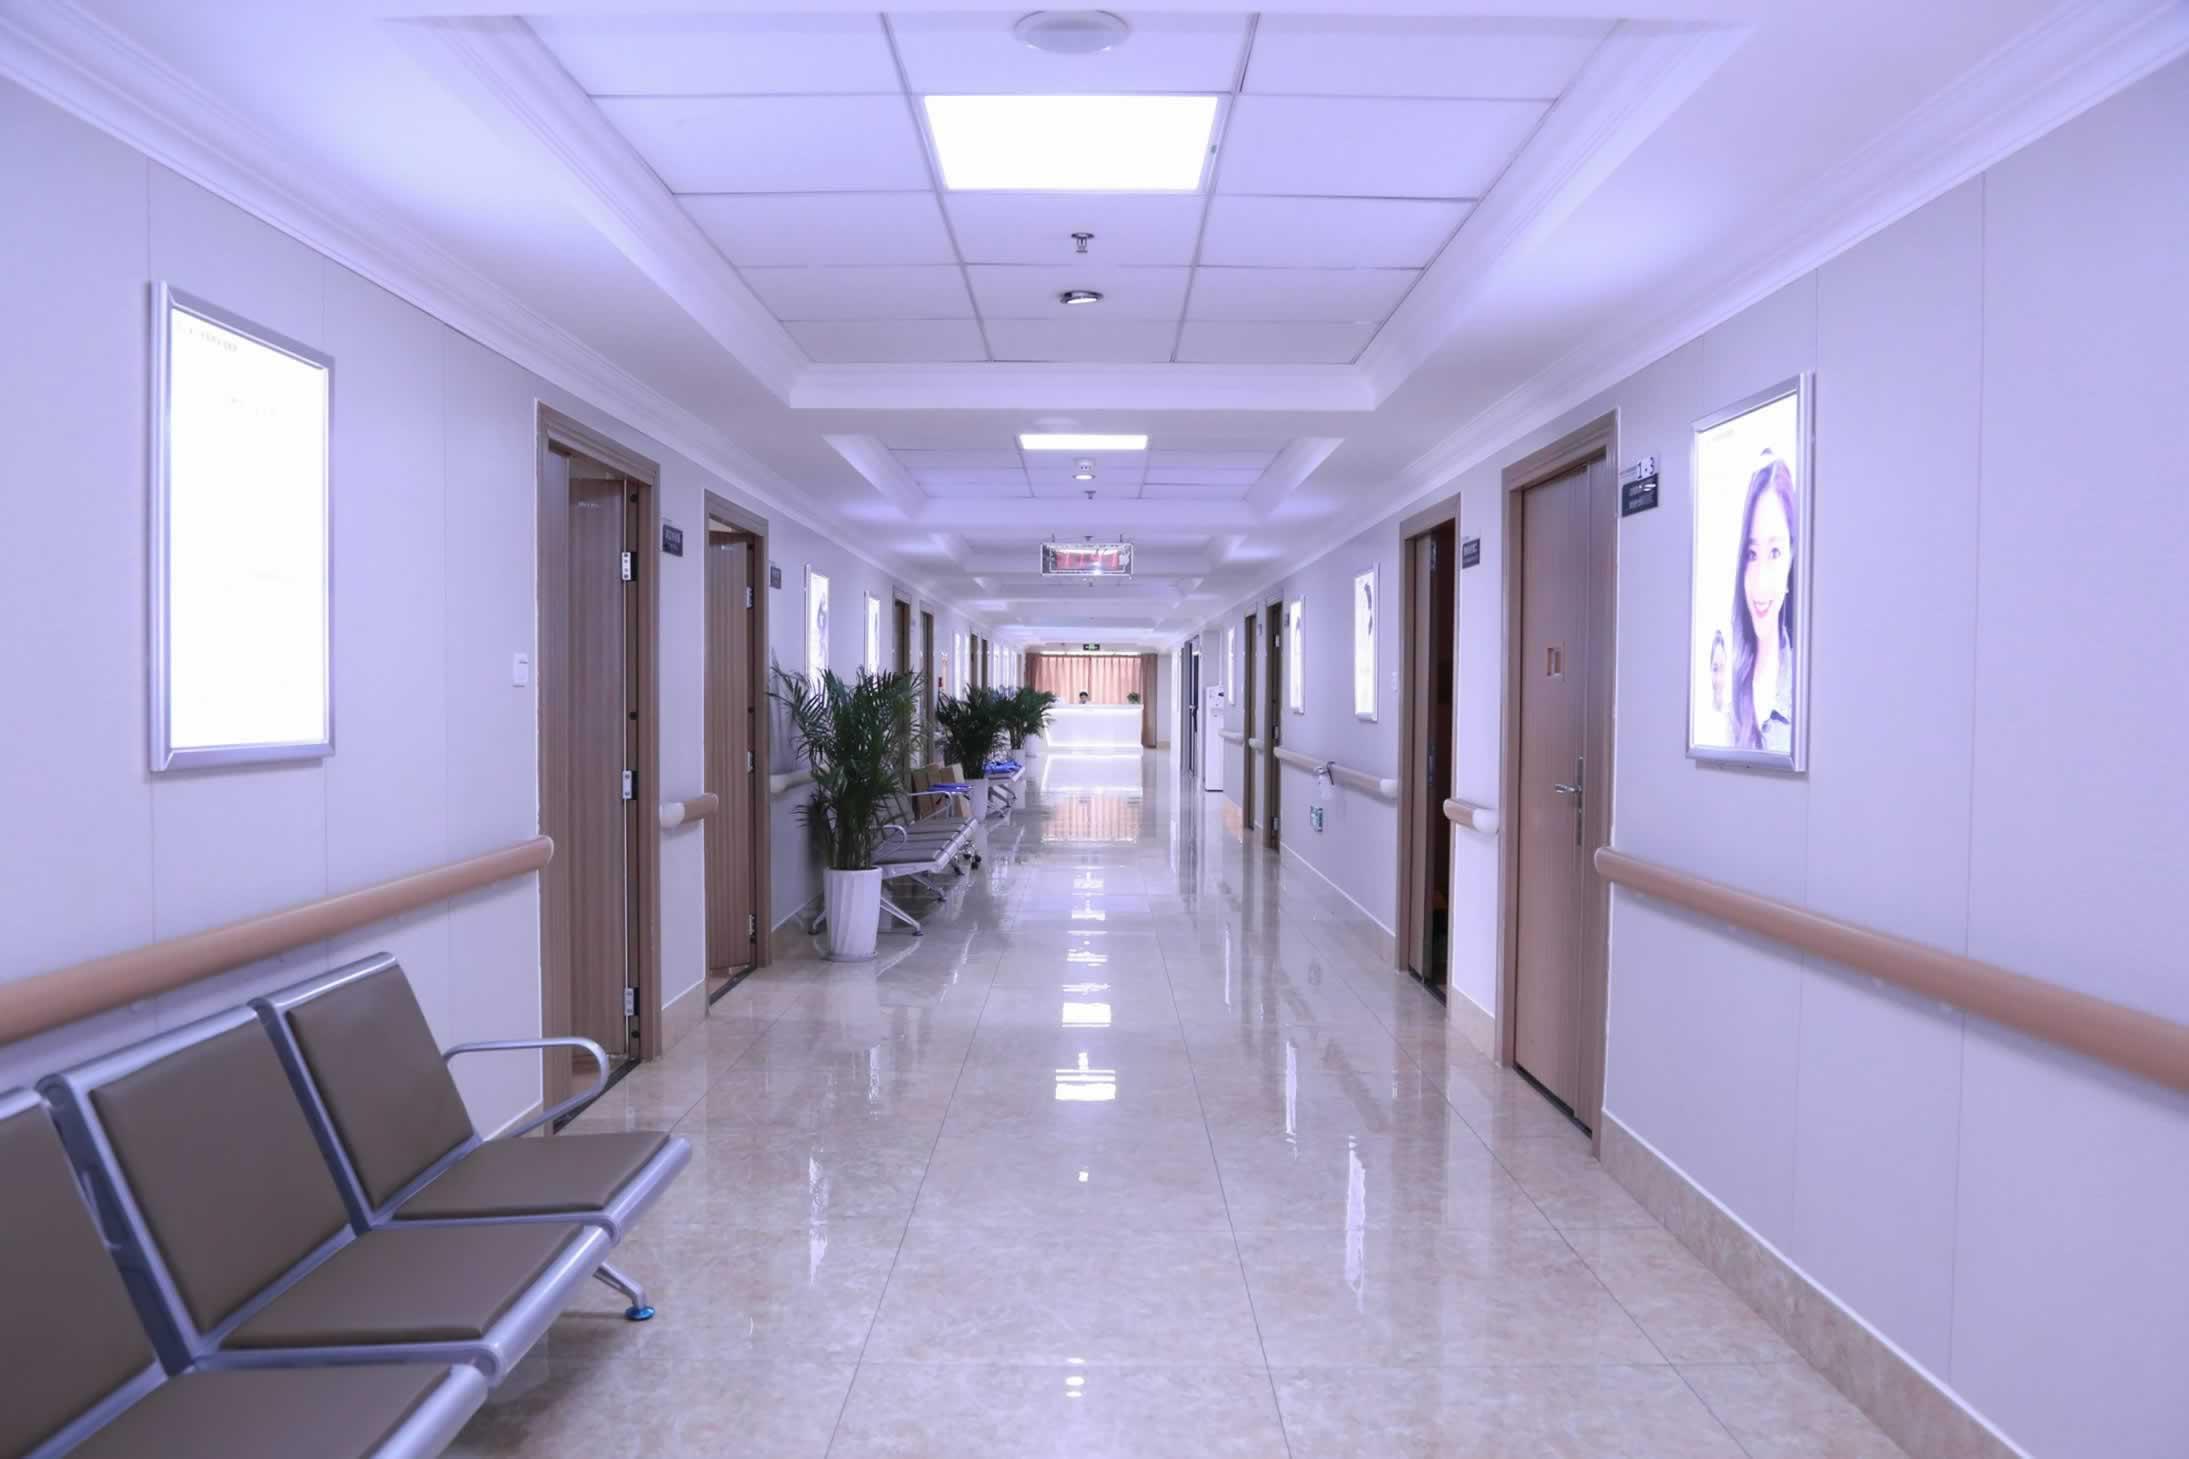 四川省人民医院成都友谊医院正规吗?